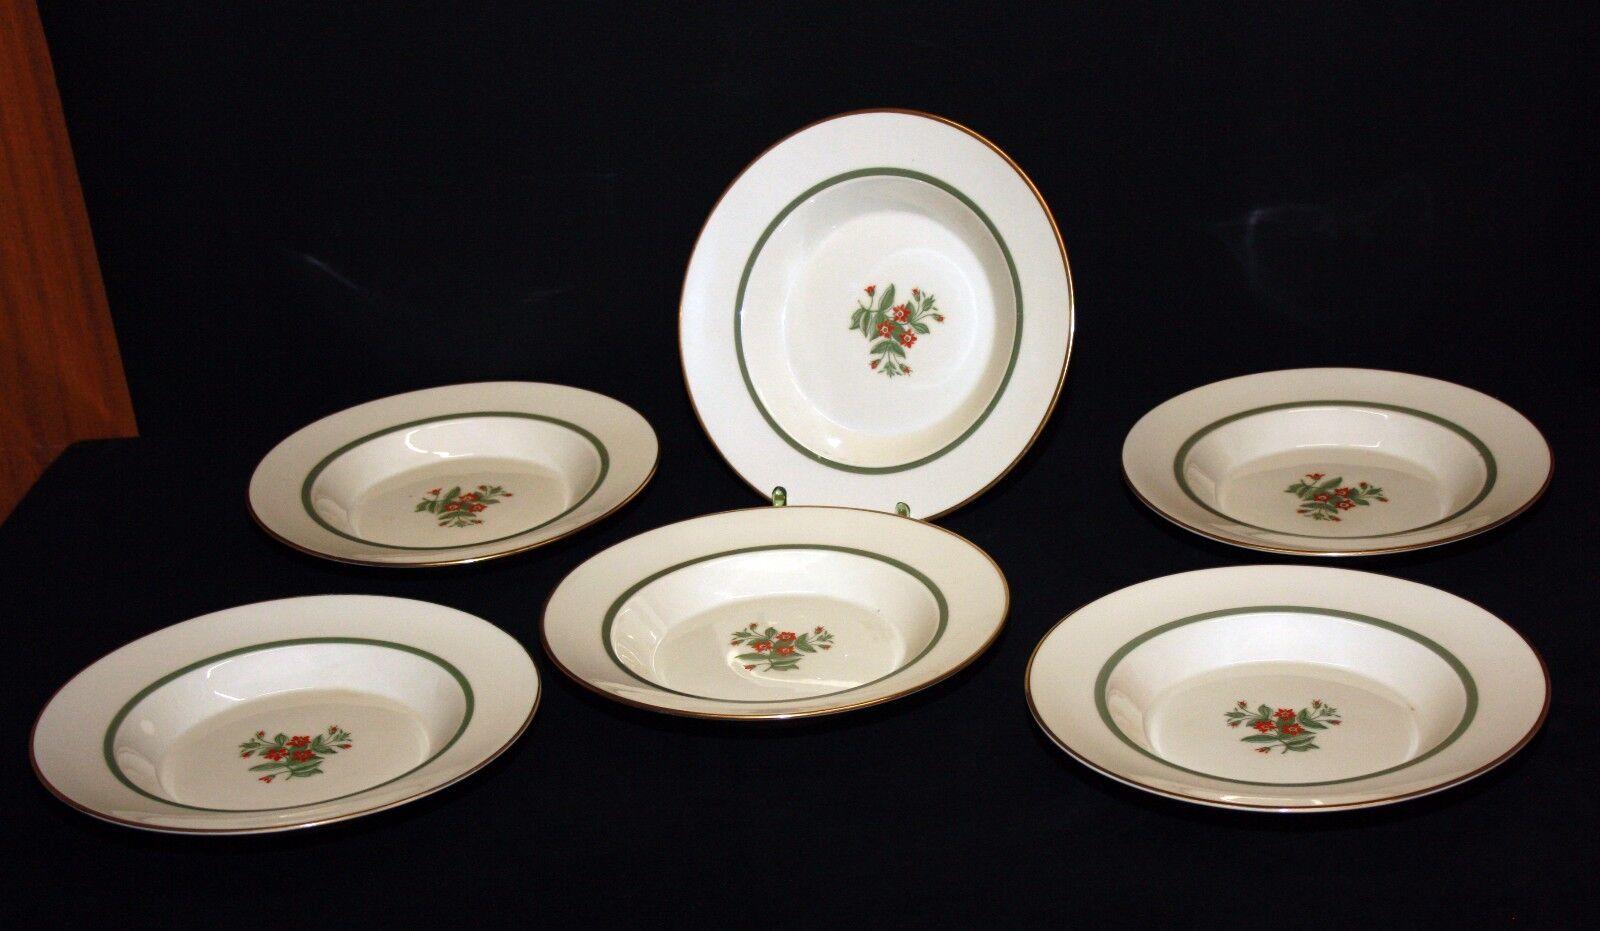 6x Suppenteller Teller Royal Copenhagen Denmark rote Blaume 1010 1010 1010 9587    | Bevorzugtes Material  b357eb